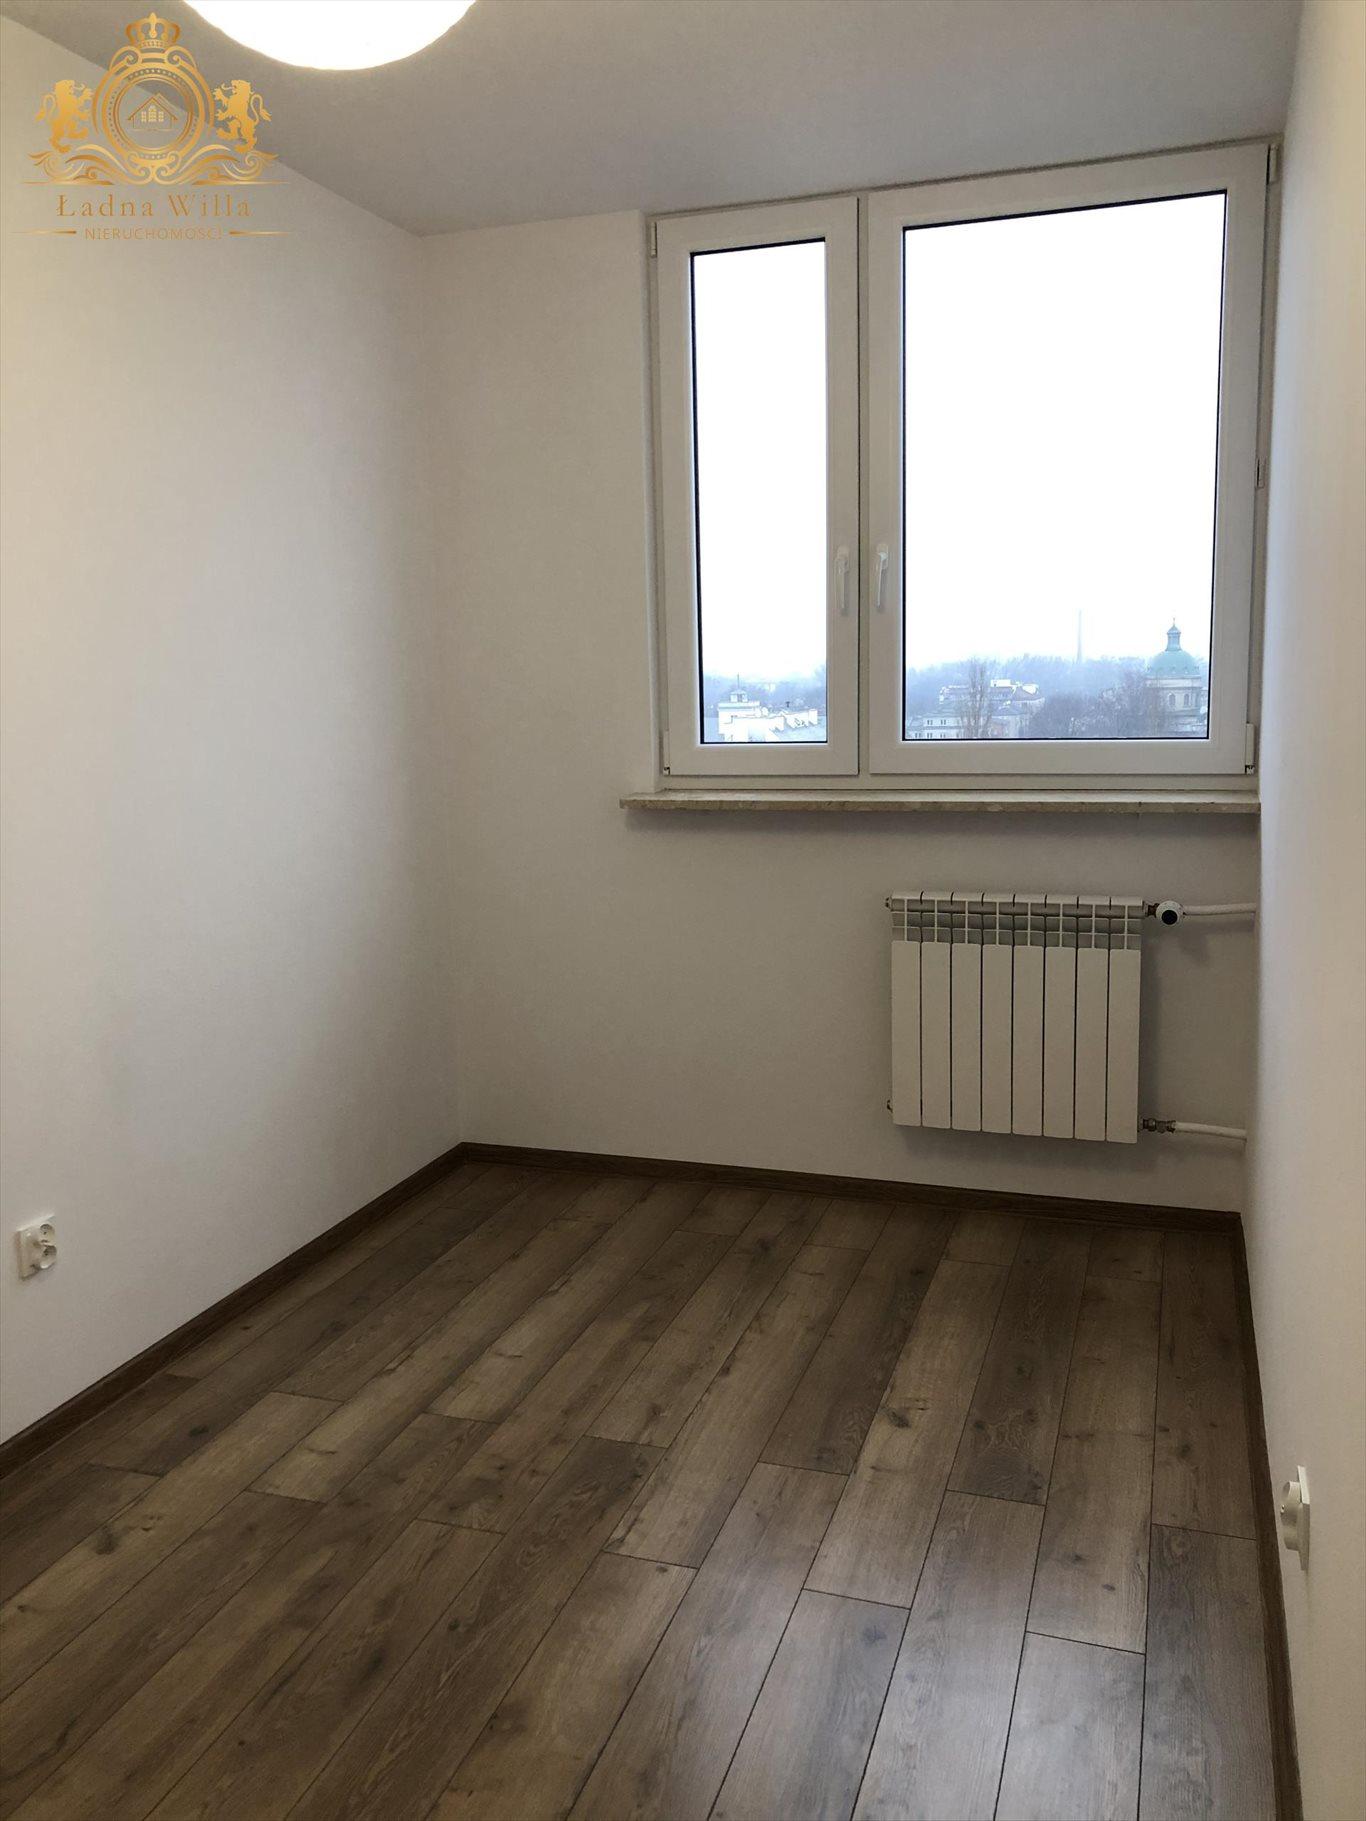 Mieszkanie trzypokojowe na sprzedaż Warszawa, Praga Północ, Siedlecka  37m2 Foto 11